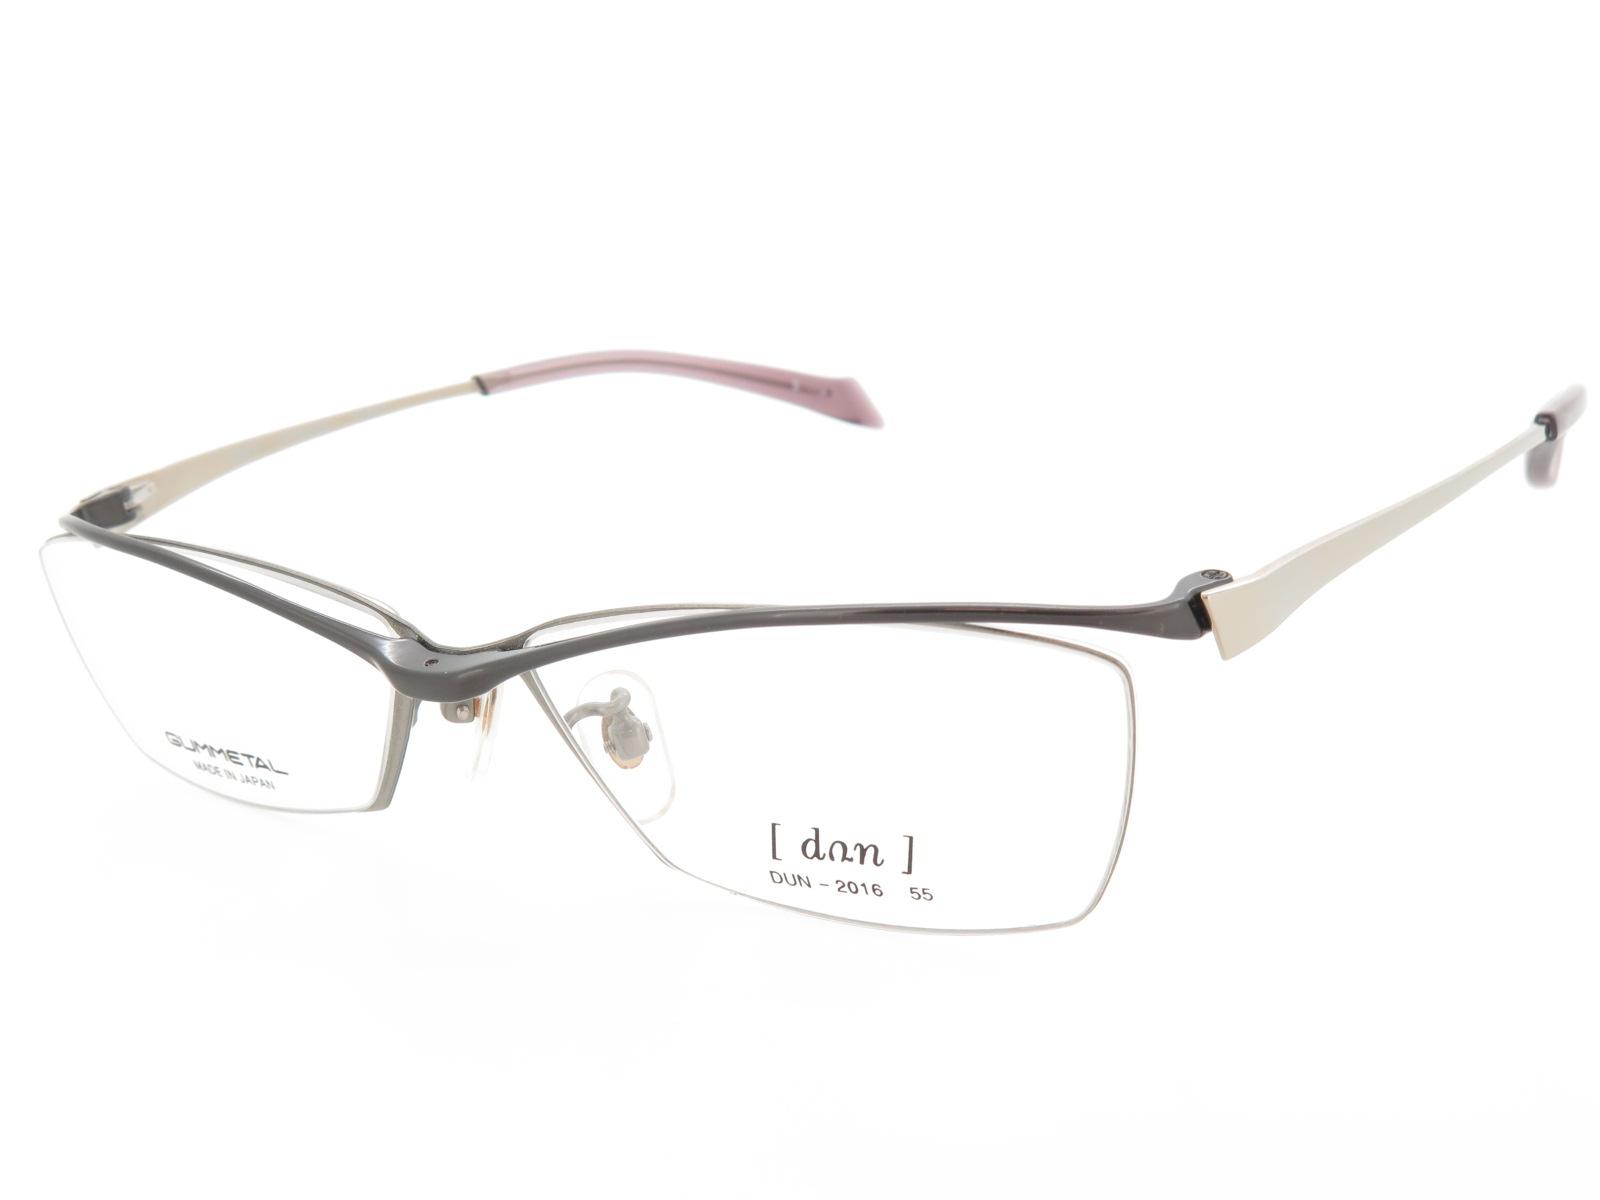 超薄型レンズ付セット ドゥアン メタルハーフリム メガネフレーム ゴムメタル DUN2016 Col.5 55サイズ 在庫処分品